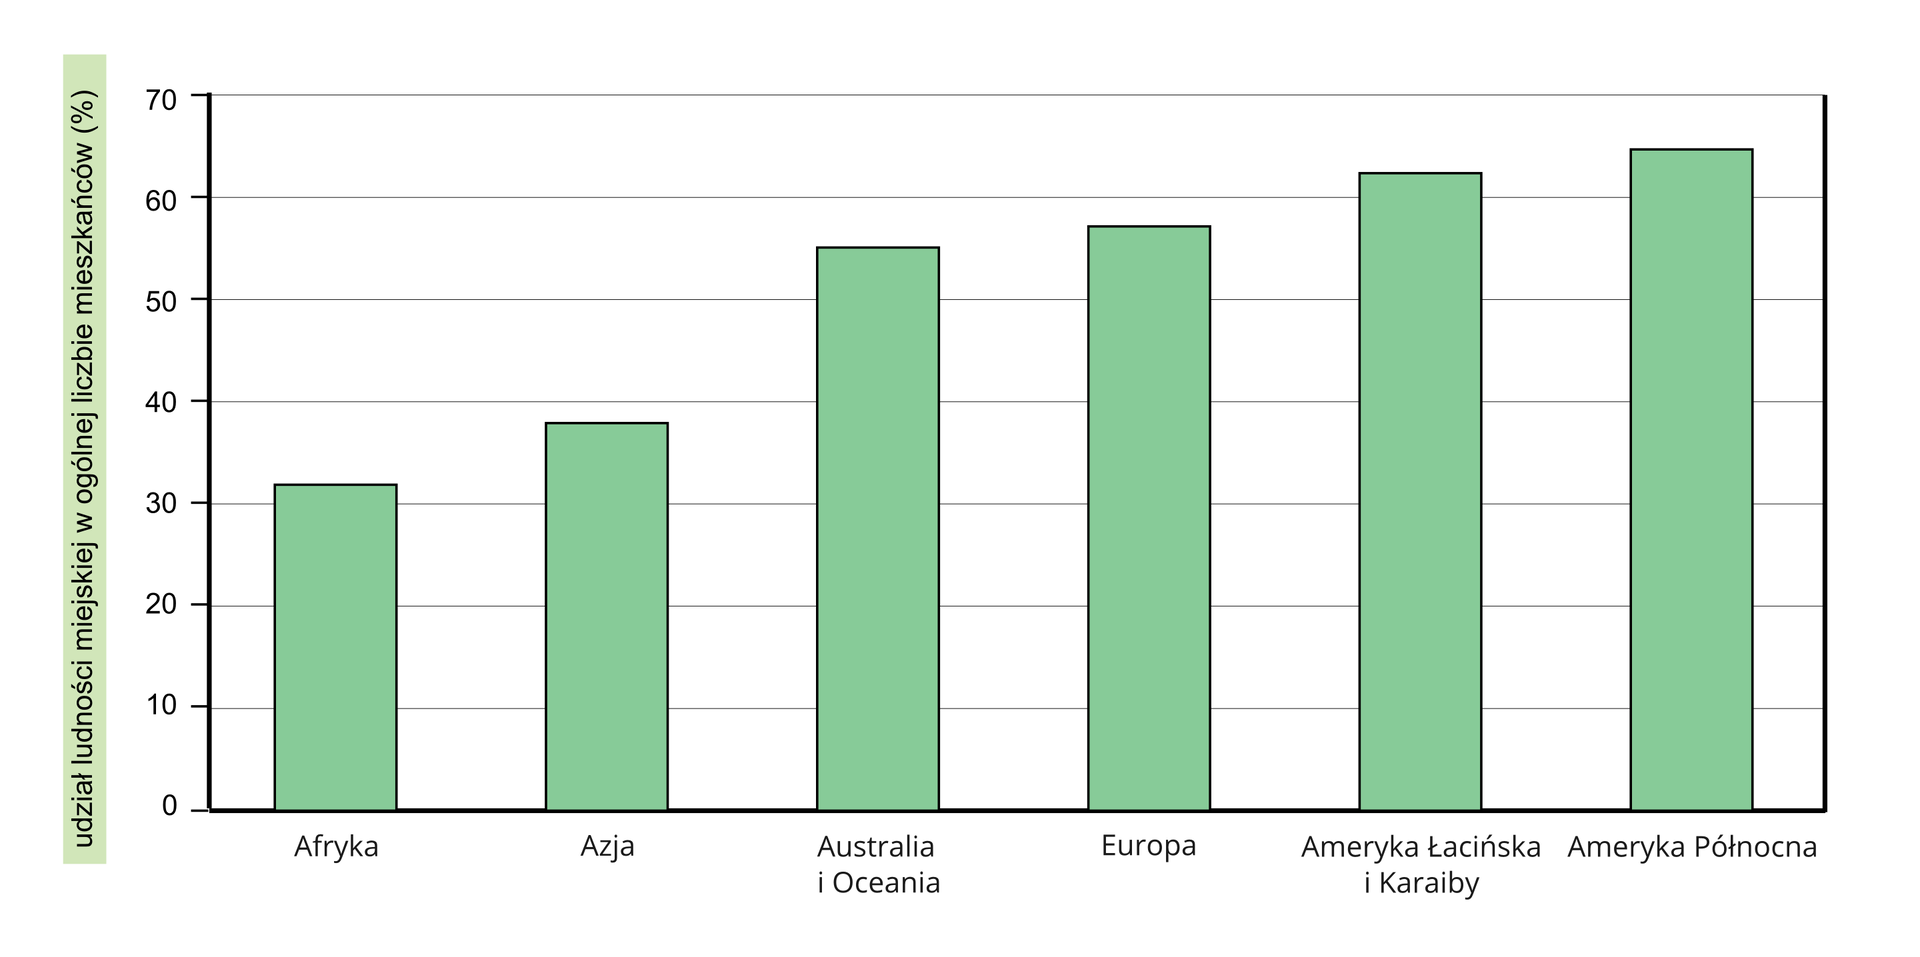 Na ilustracji wykres słupkowy. Zlewej strony na osi pionowej podziałka od zera do siedemdziesięciu iopis udział ludności miejskiej wogólnej liczbie ludności mieszkańców wprocentach. Na osi poziomej podpisano kontynenty. Zielone słupki ustawione od najmniejszego do największego. Wartość najniższa – Afryka, trzydzieści dwa procent. Wartość najwyższa – Ameryka Północna, sześćdziesiąt pięć procent.